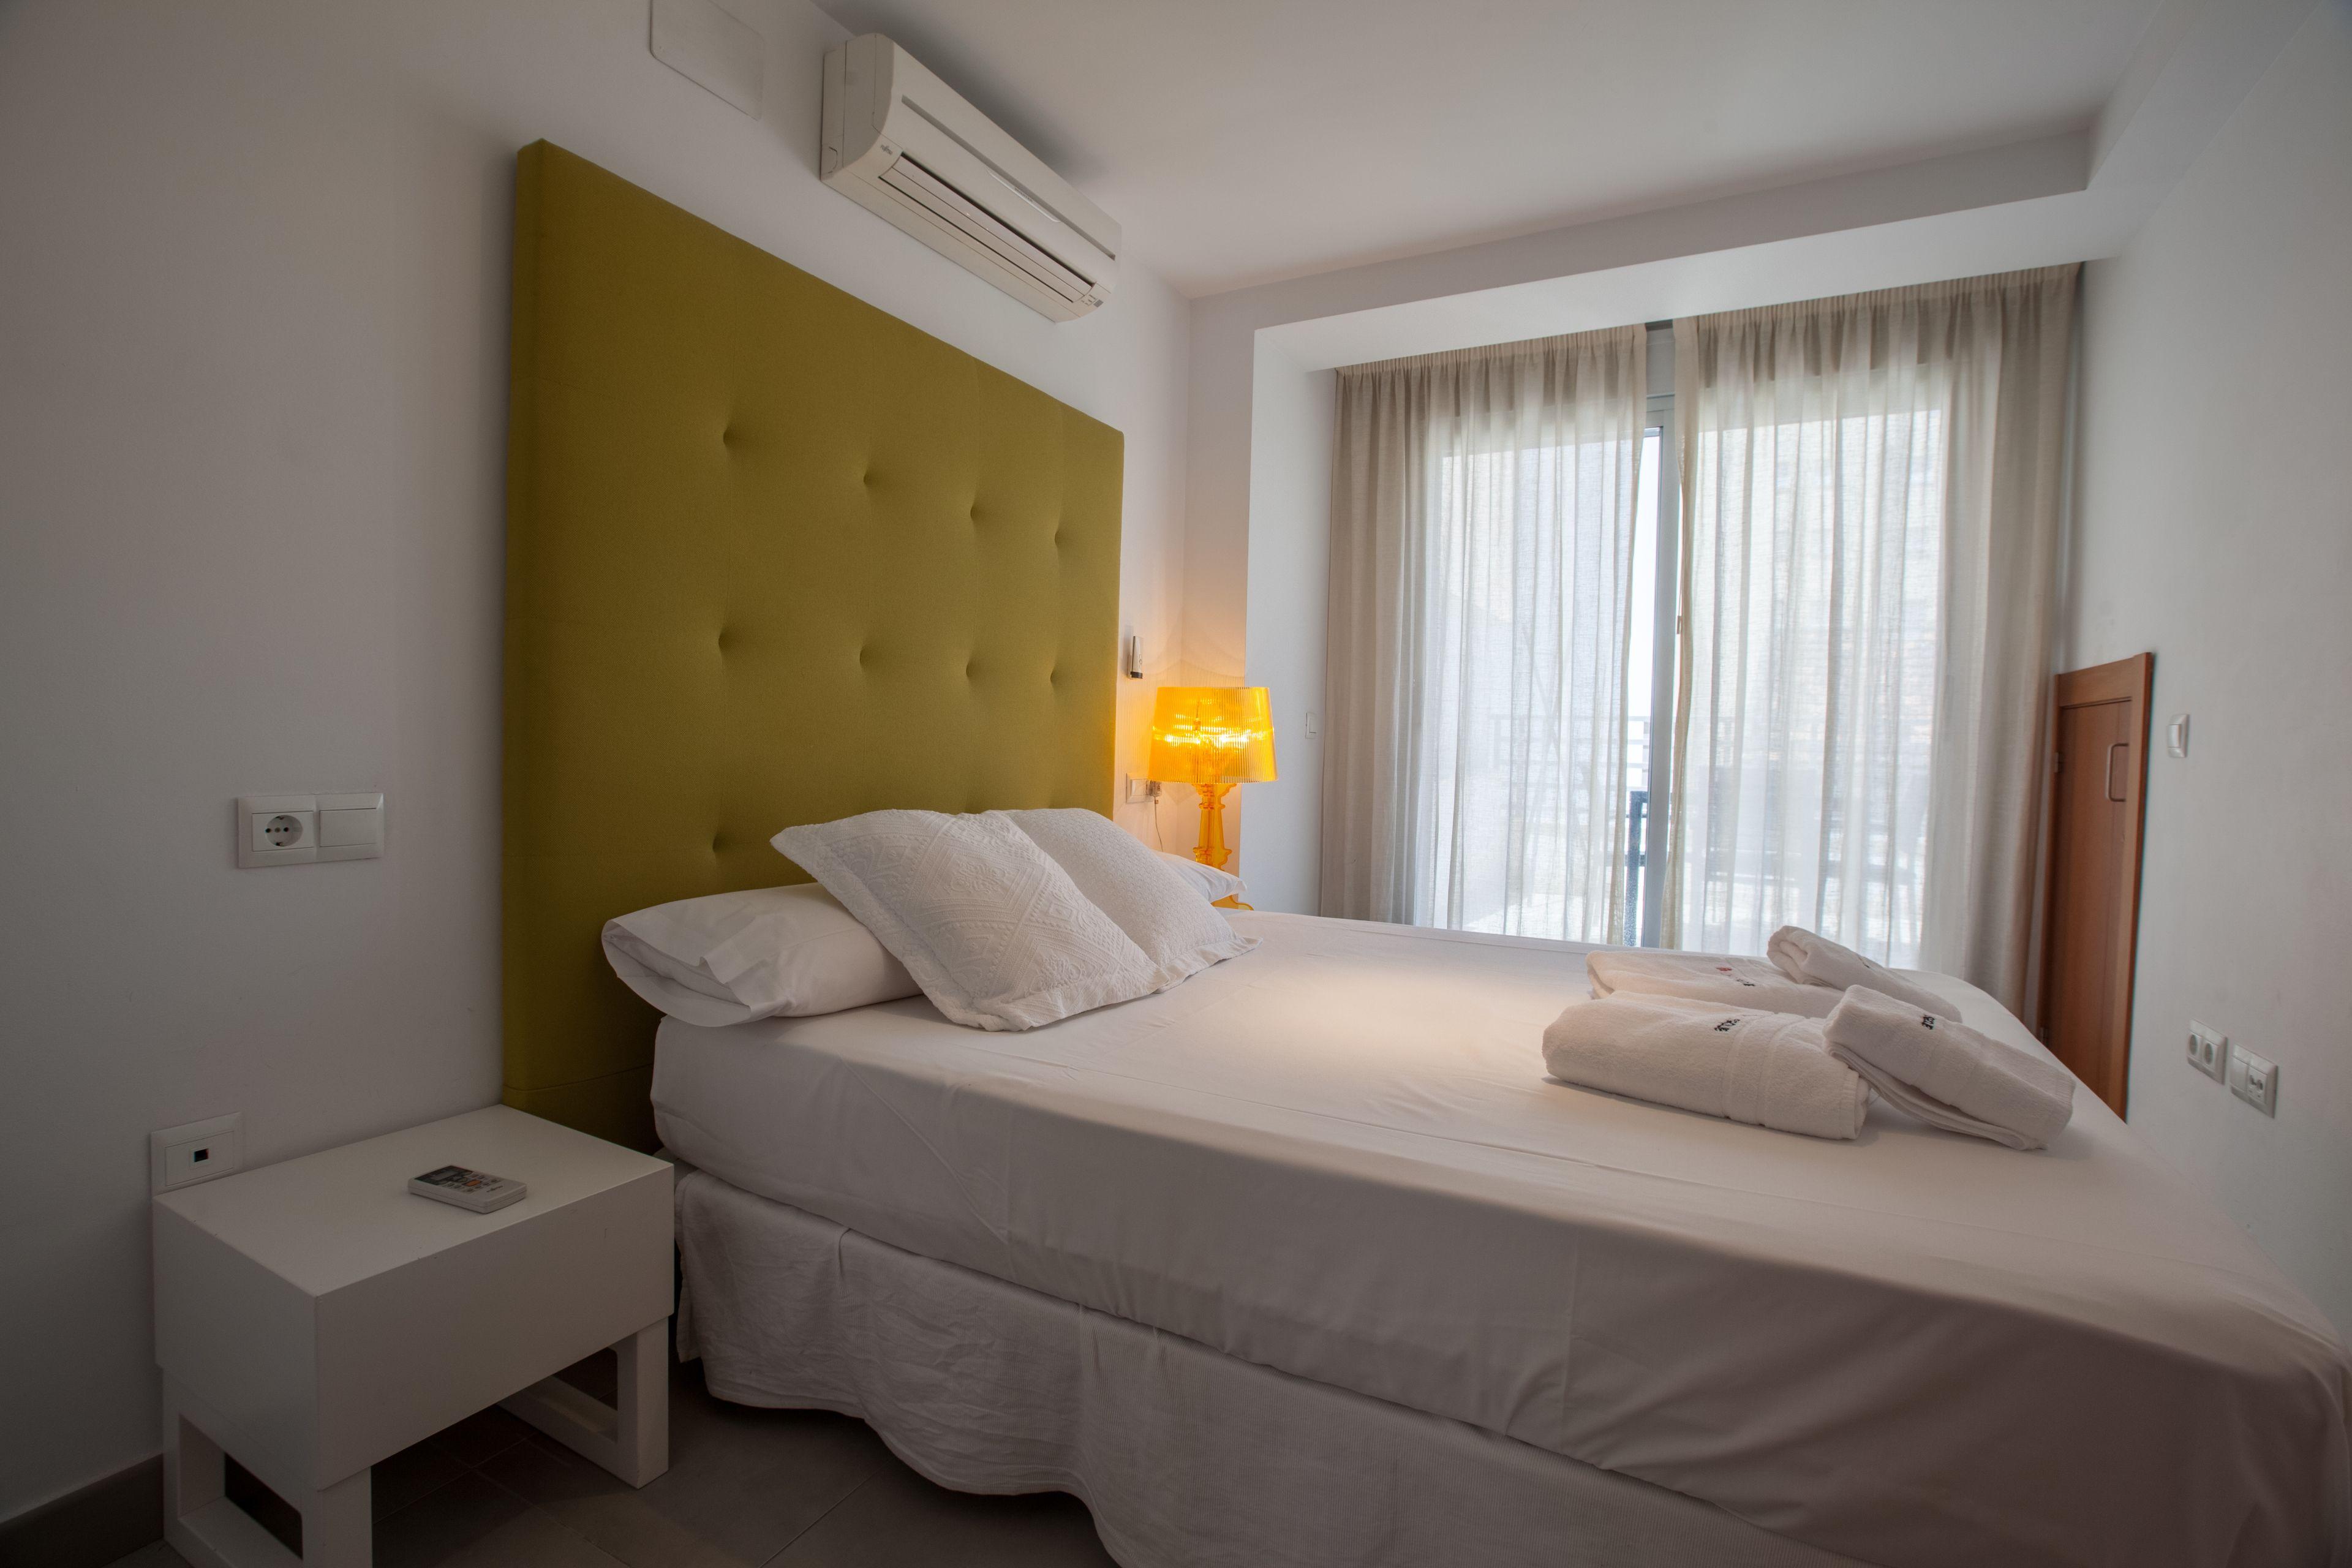 Malaga Andes 4 Apartments